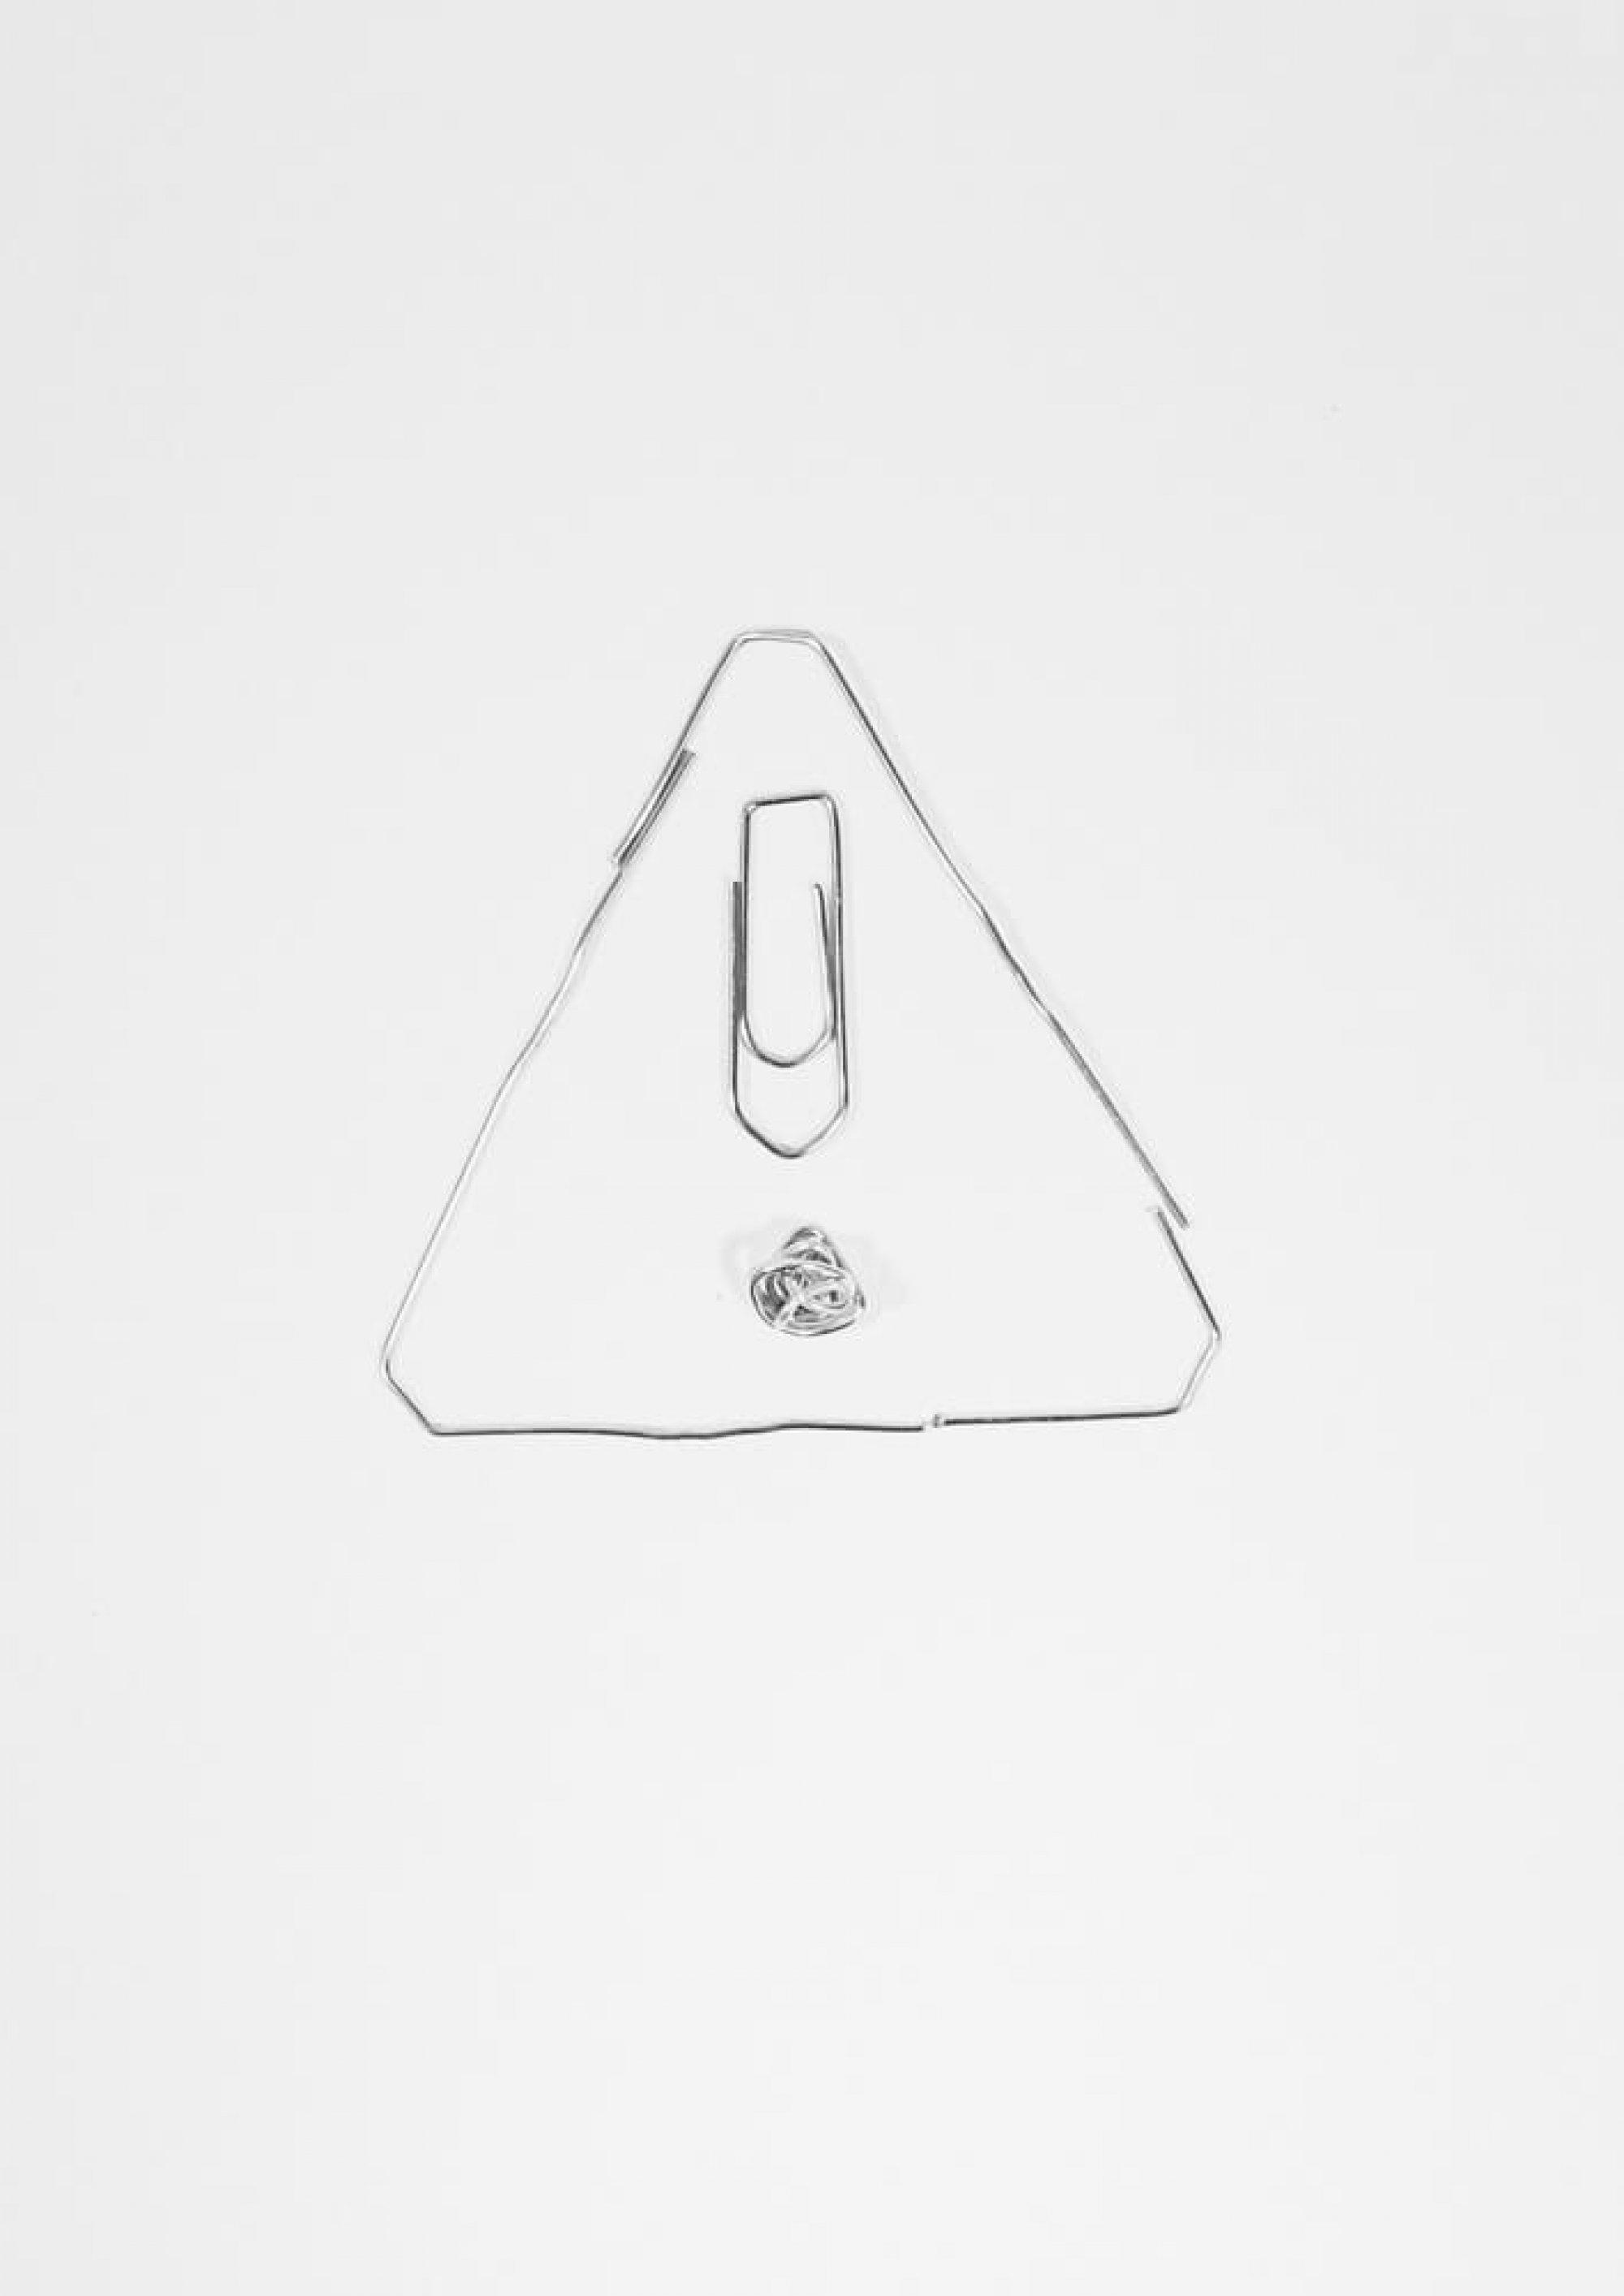 Apropos whitepaper Ausgabe 2 Illustration aus Büroklammer als achtungsschild